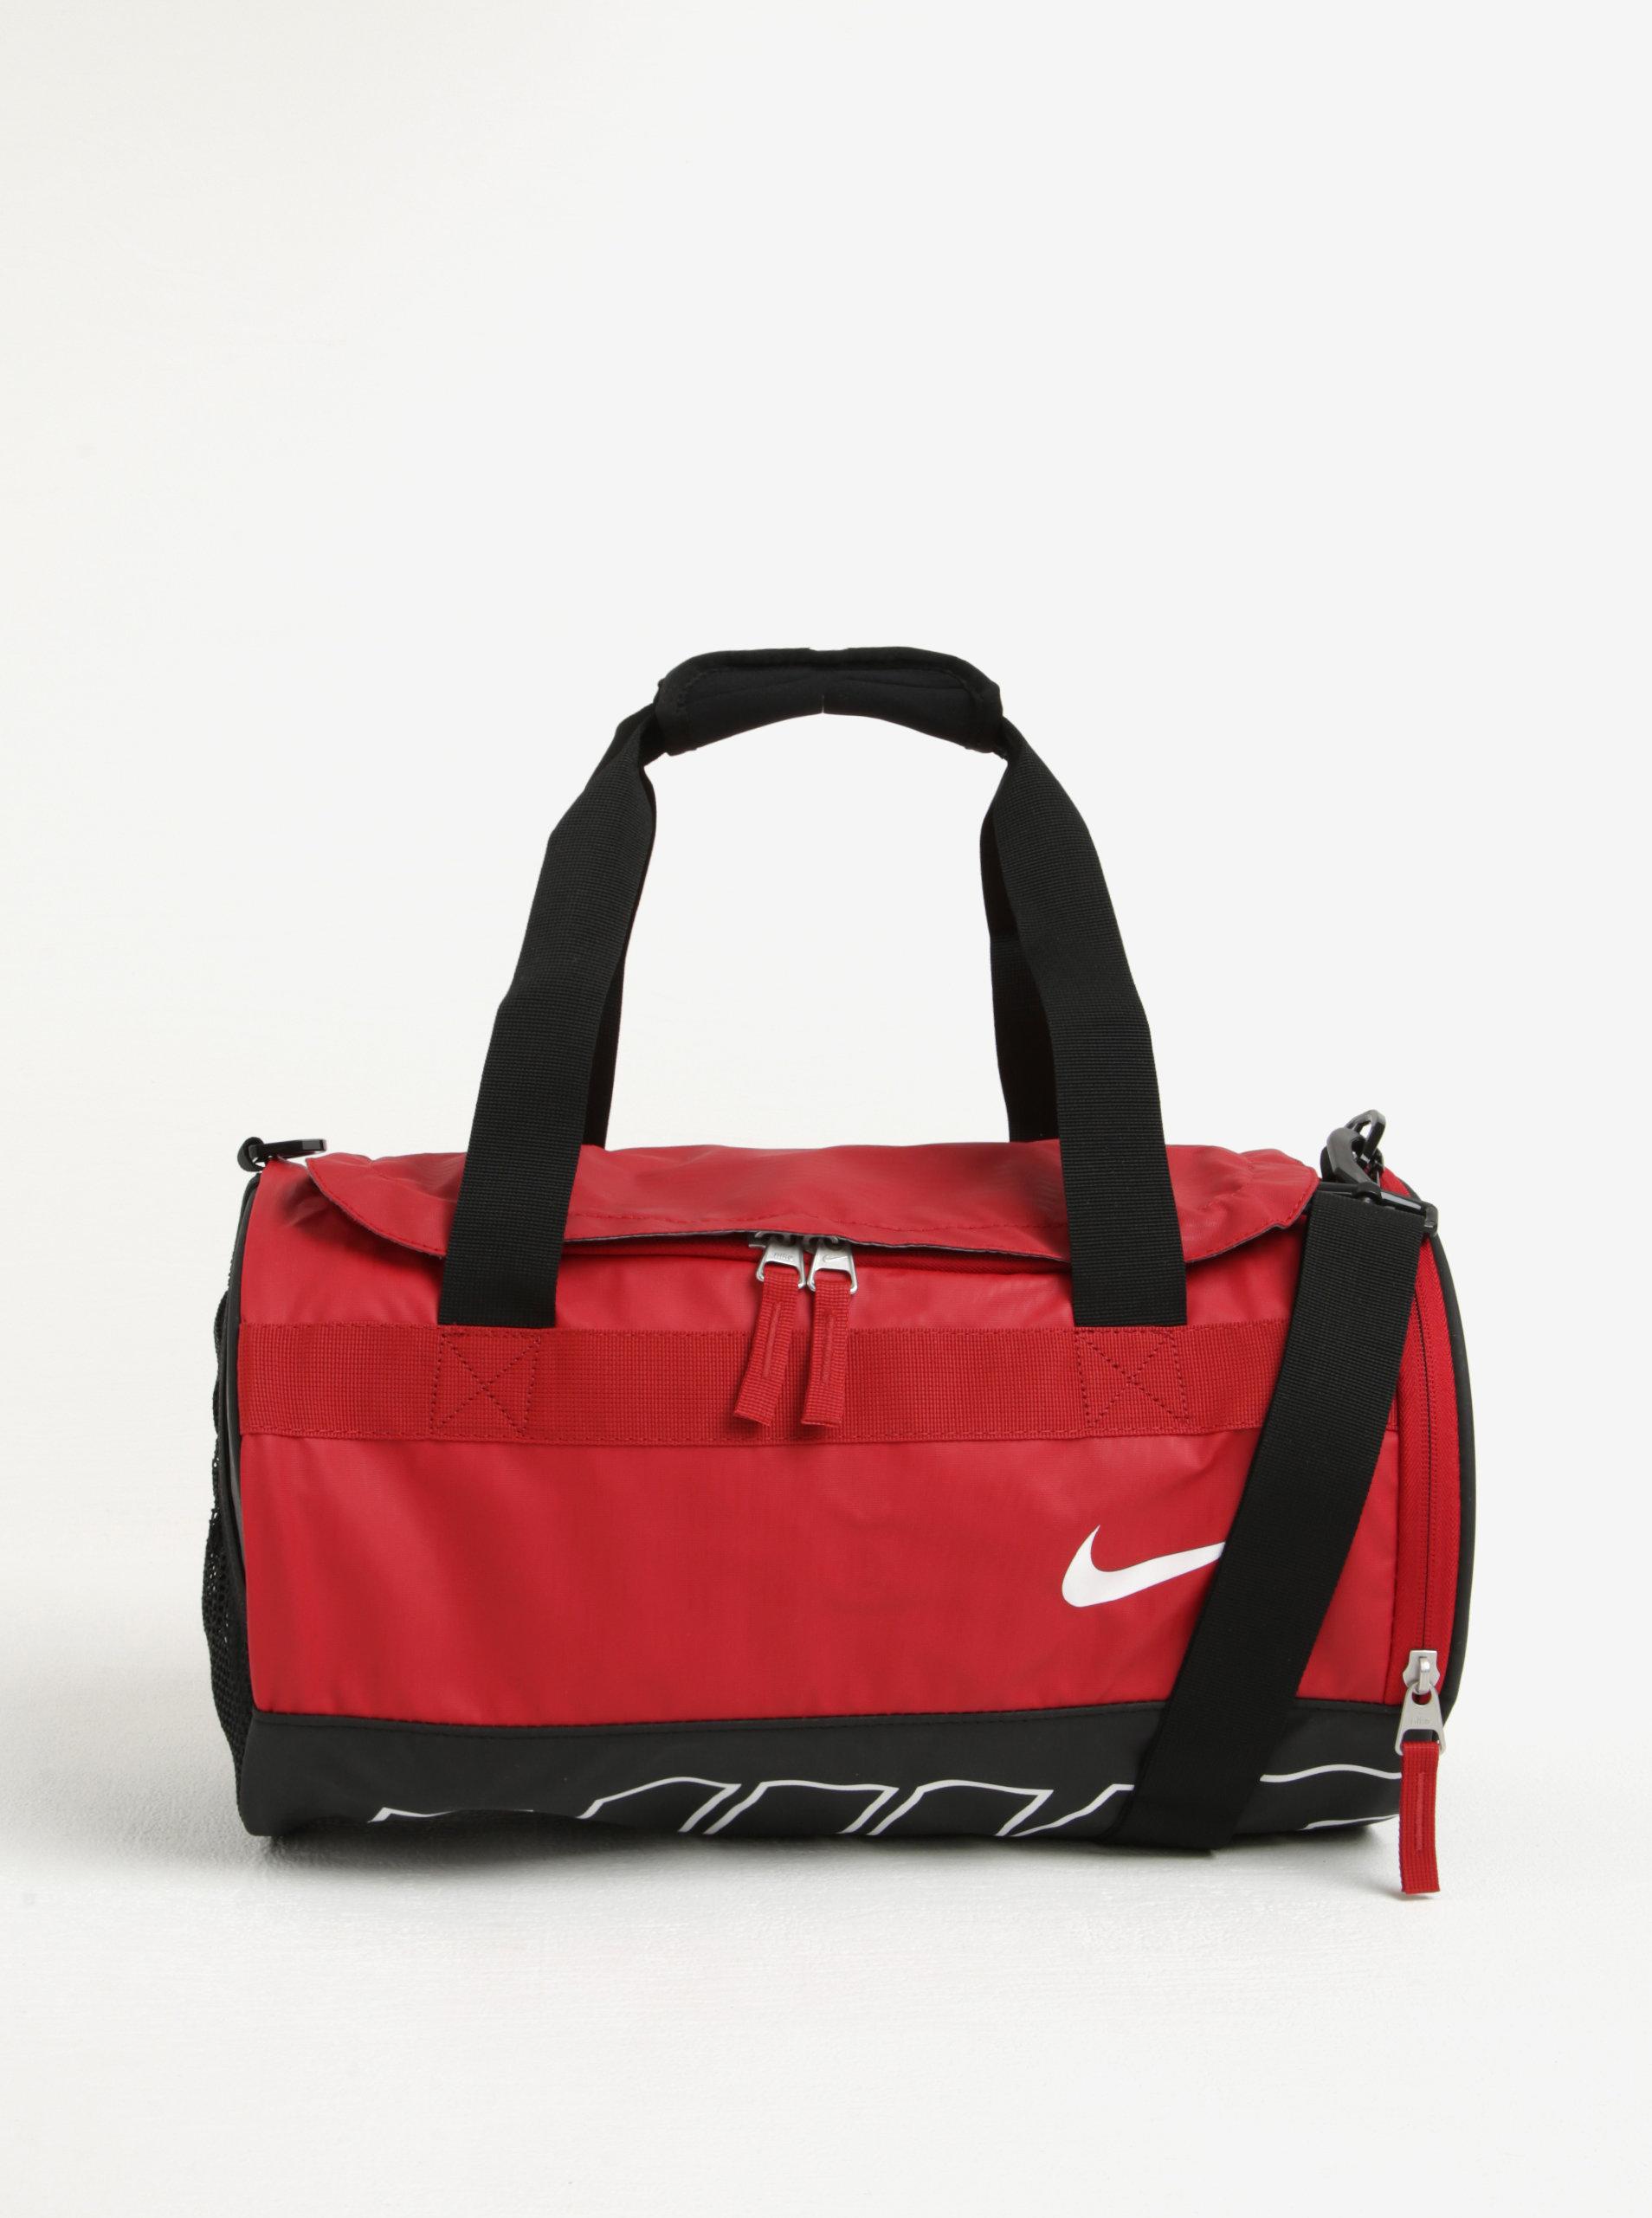 Černo-červená sportovní taška Nike Alpha Adapt ... 2c3a985f9b0